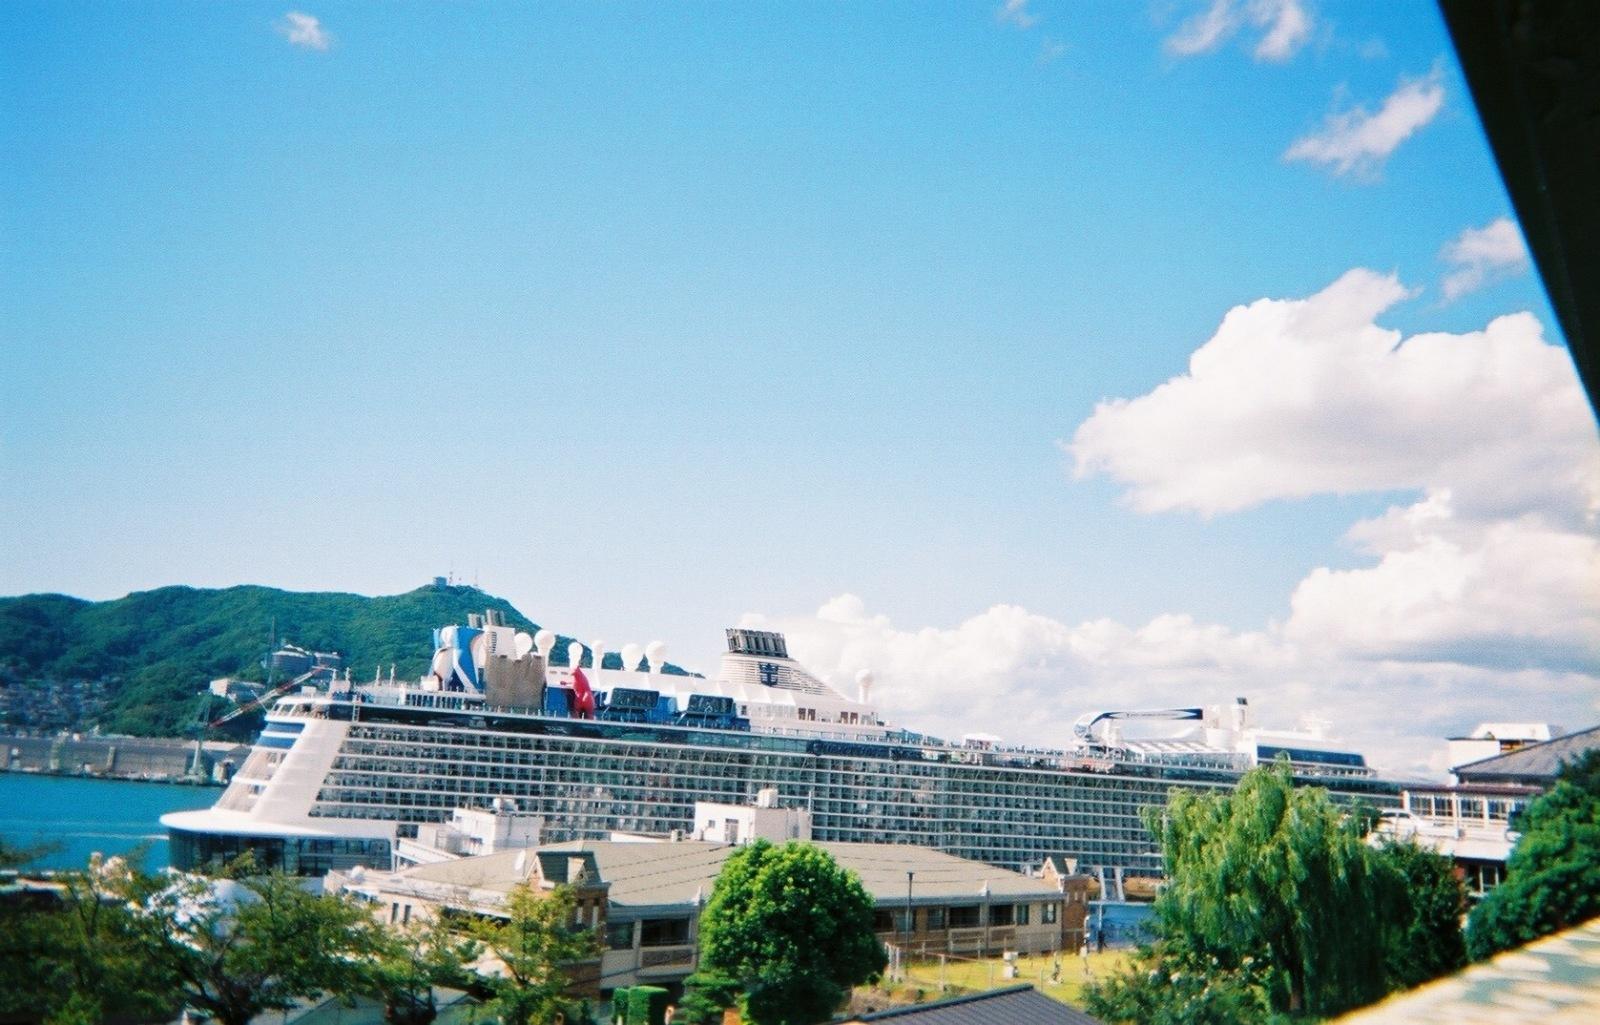 長崎港の船